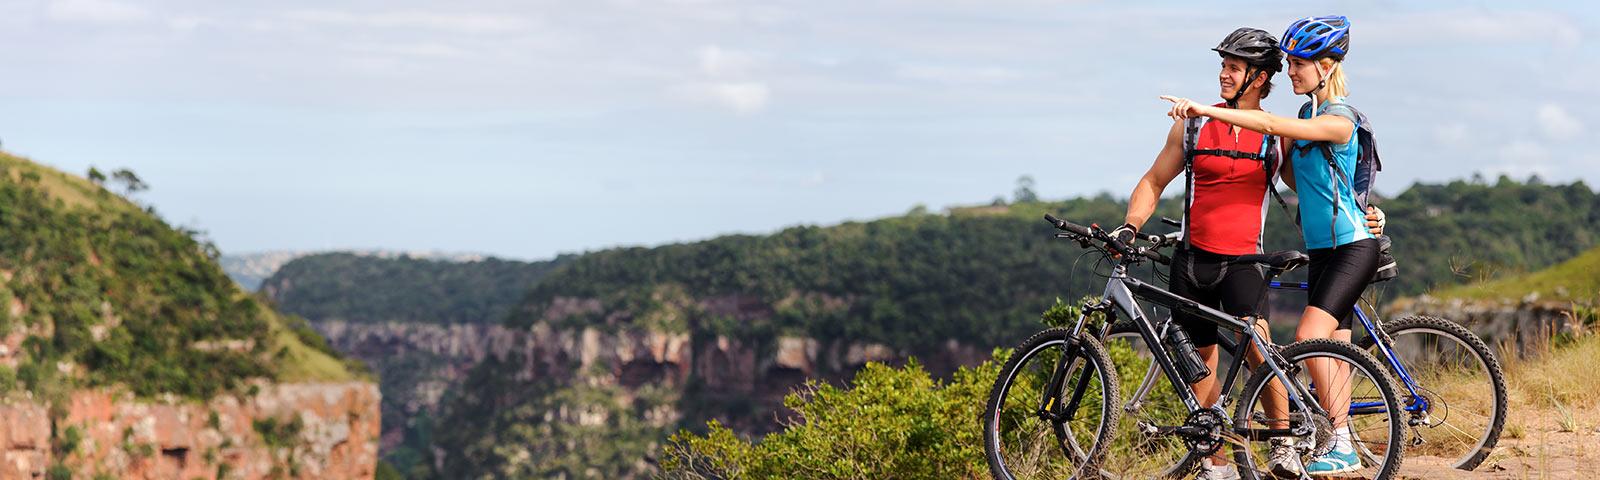 Dlaczego warto przesiąść się na rower?